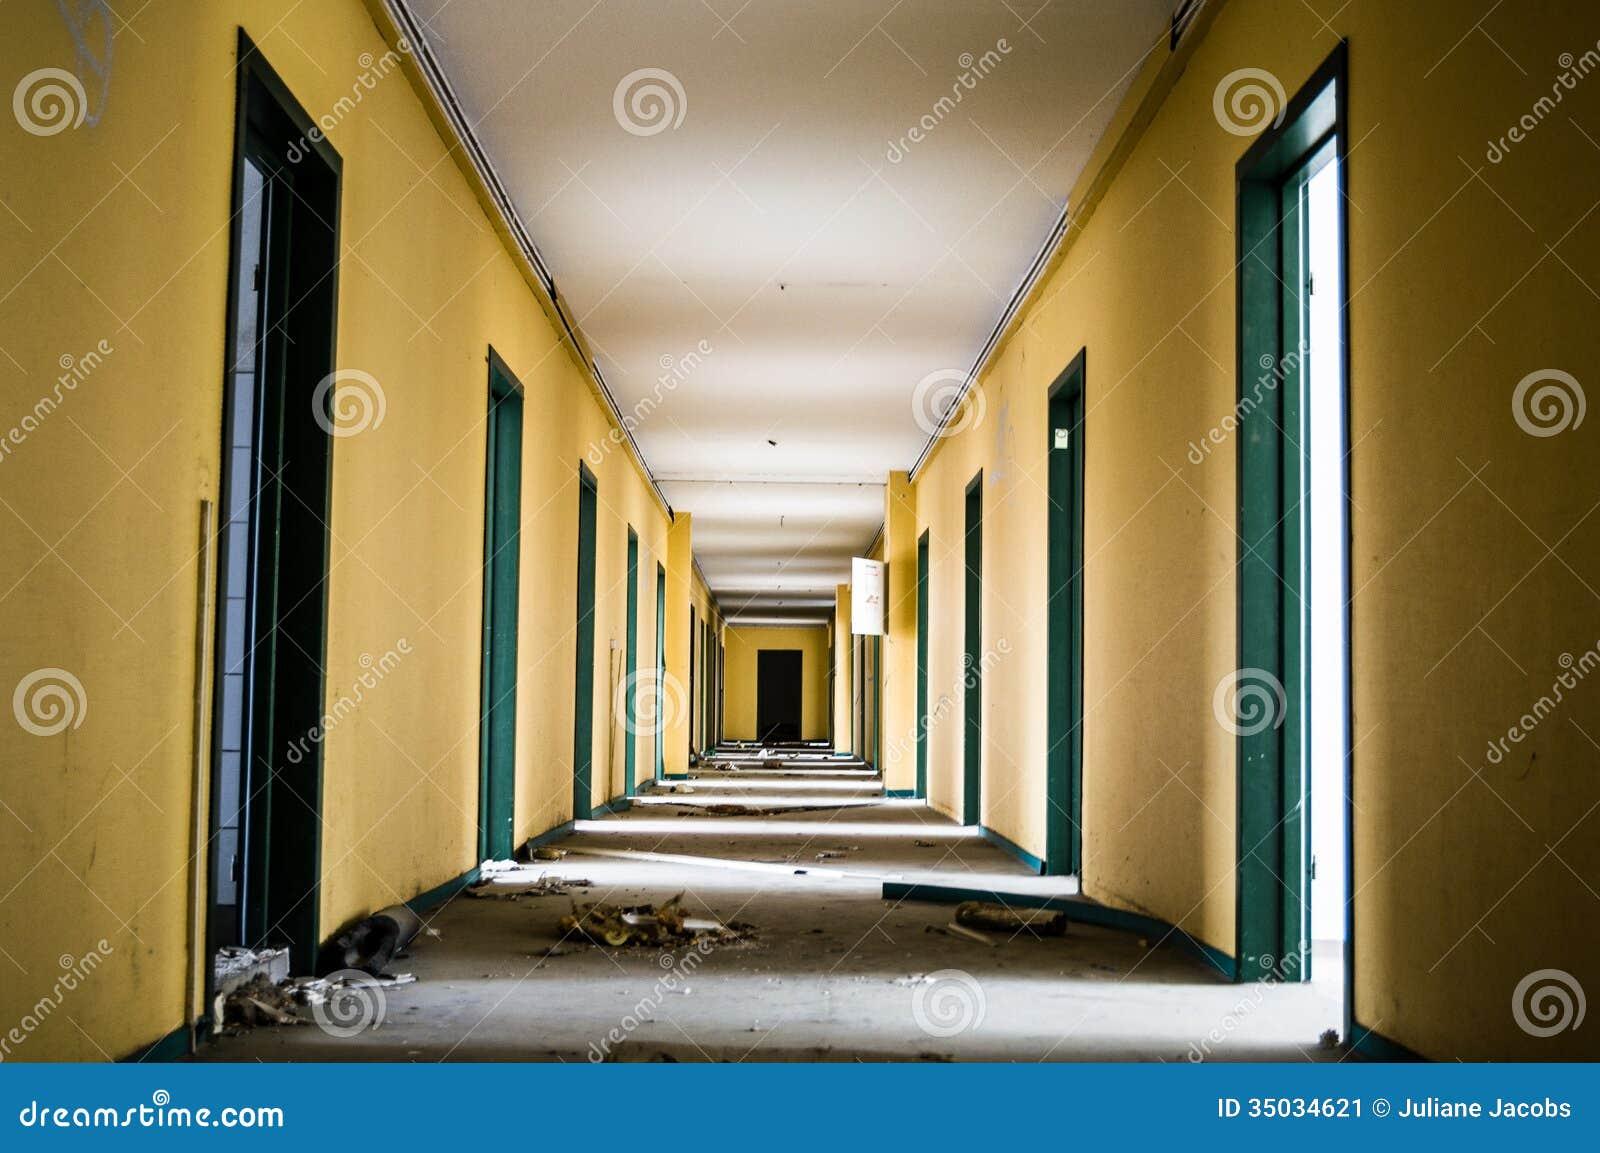 Corridoio Lungo Casa : Corridoio lungo immagine stock immagine di casa rovinato